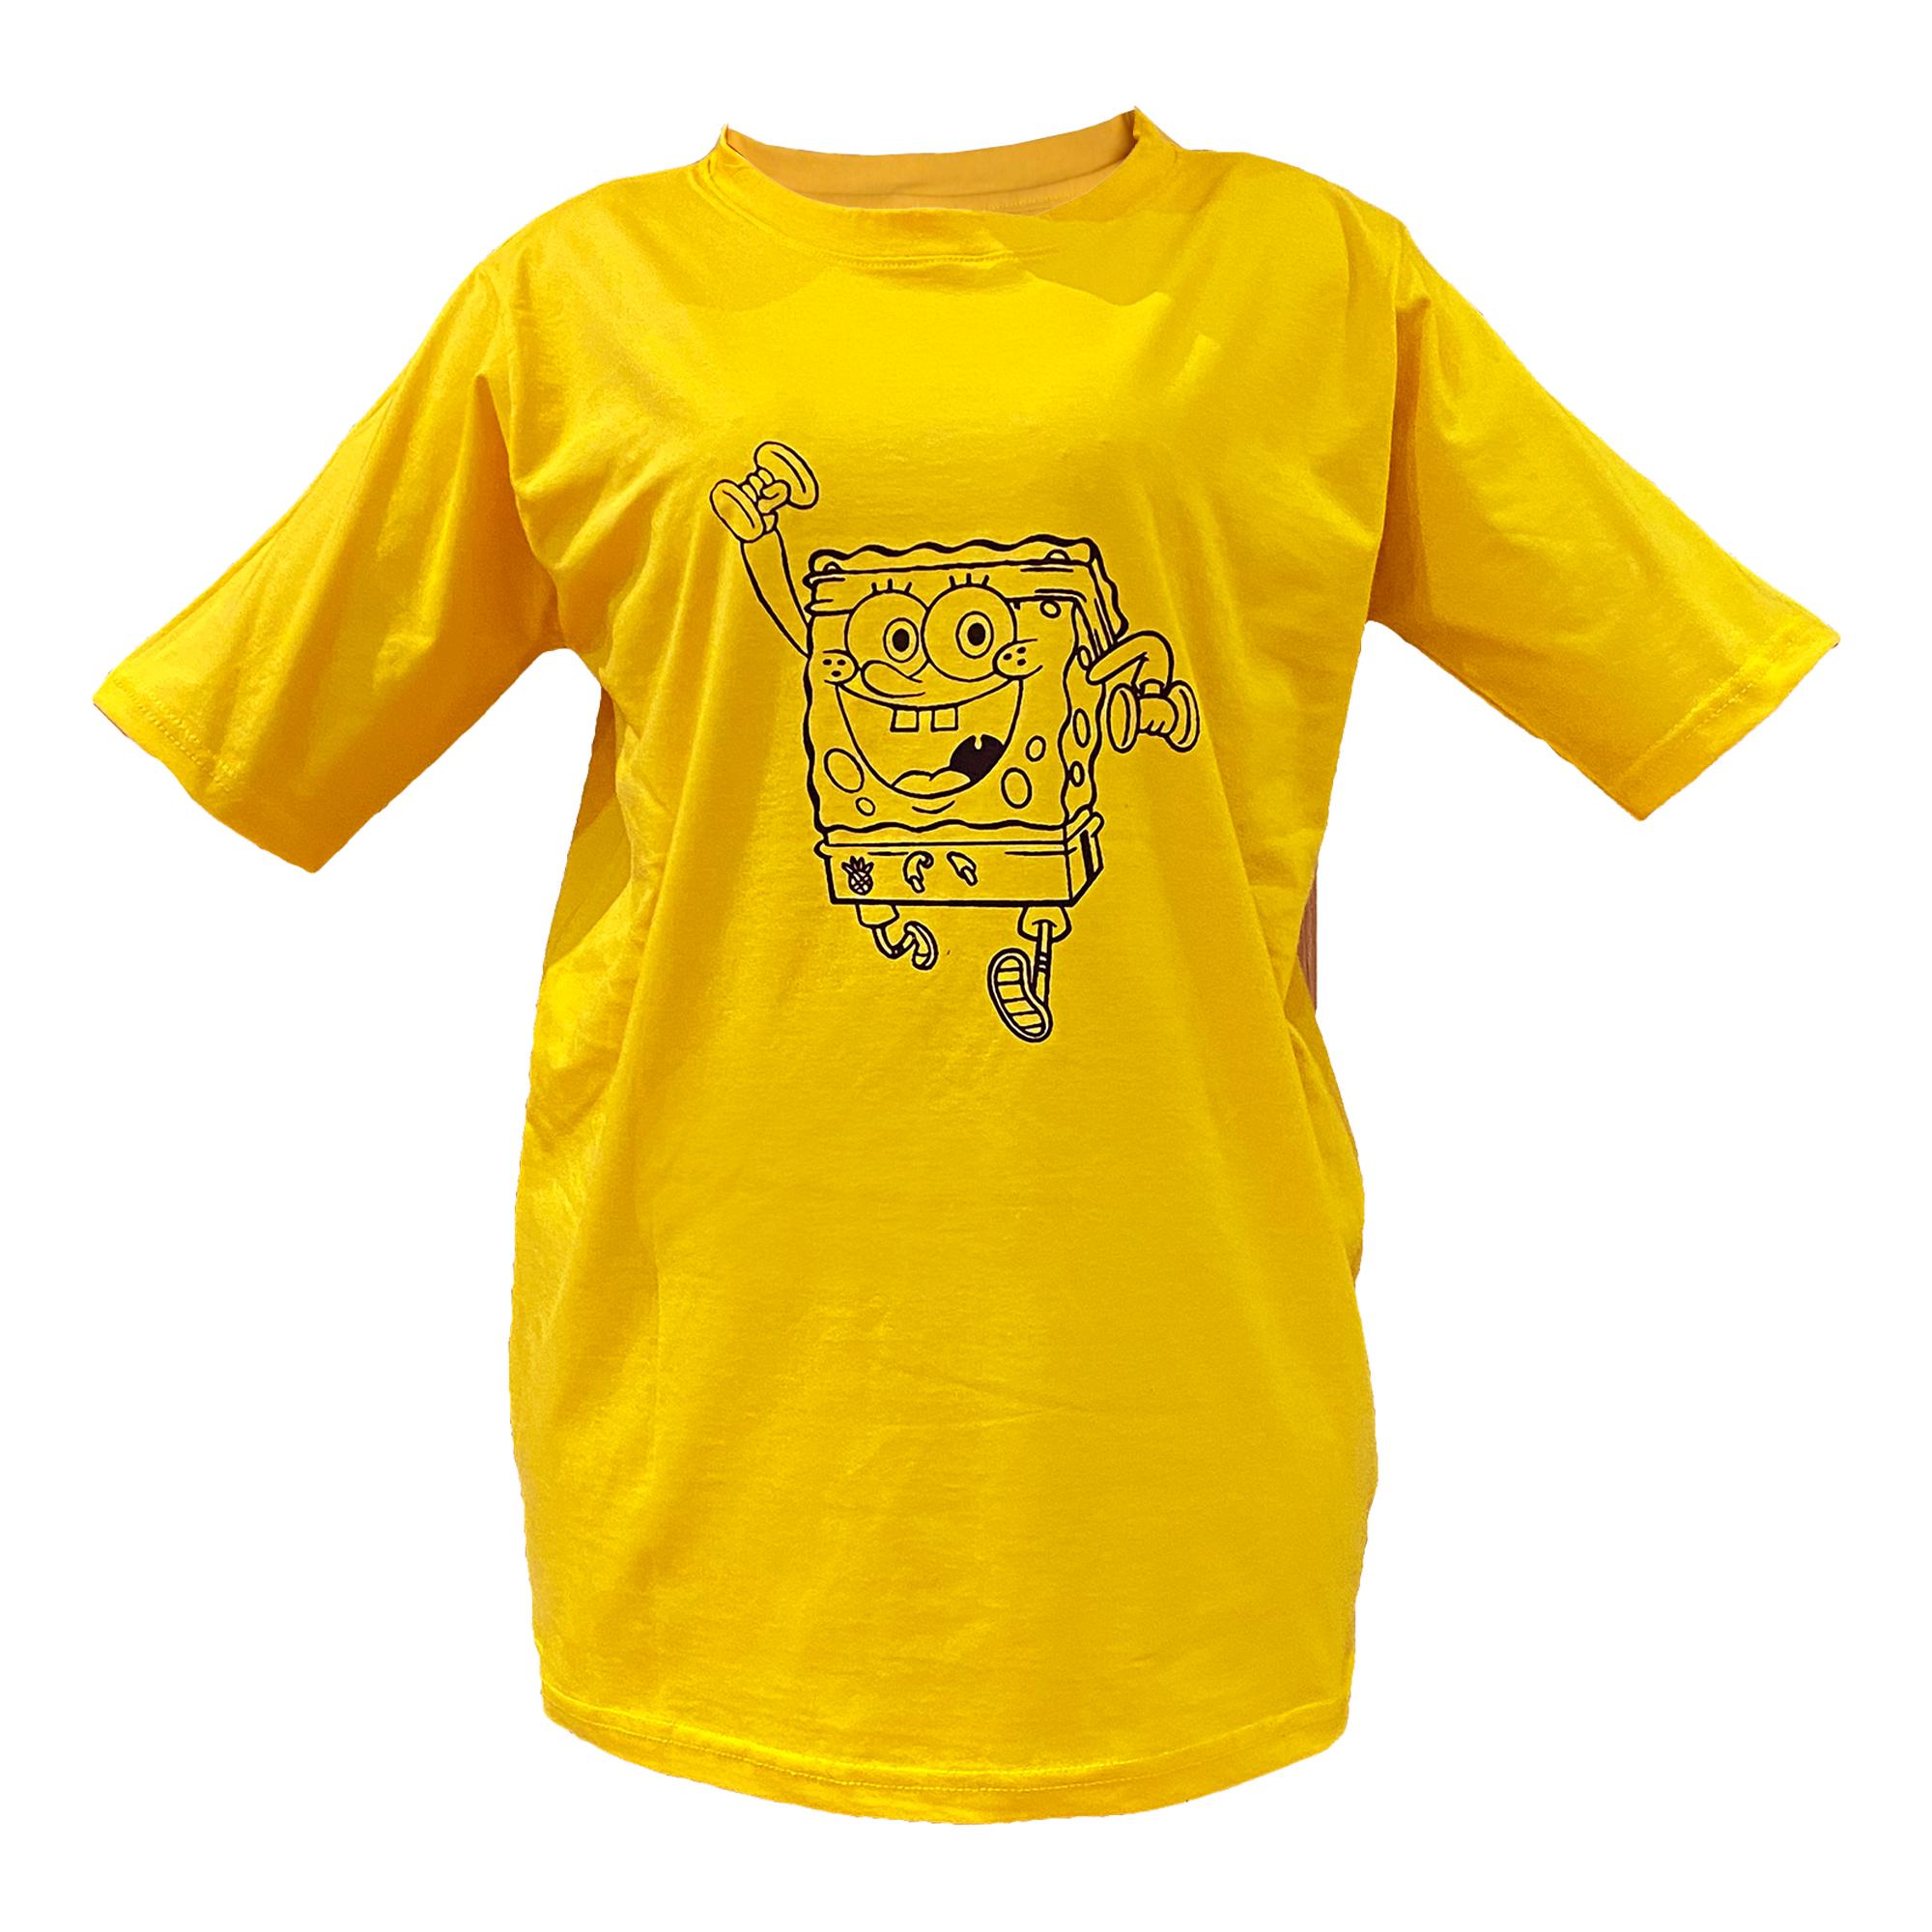 خرید                                      تی شرت آستین کوتاه زنانه مدل باب اسفنجی